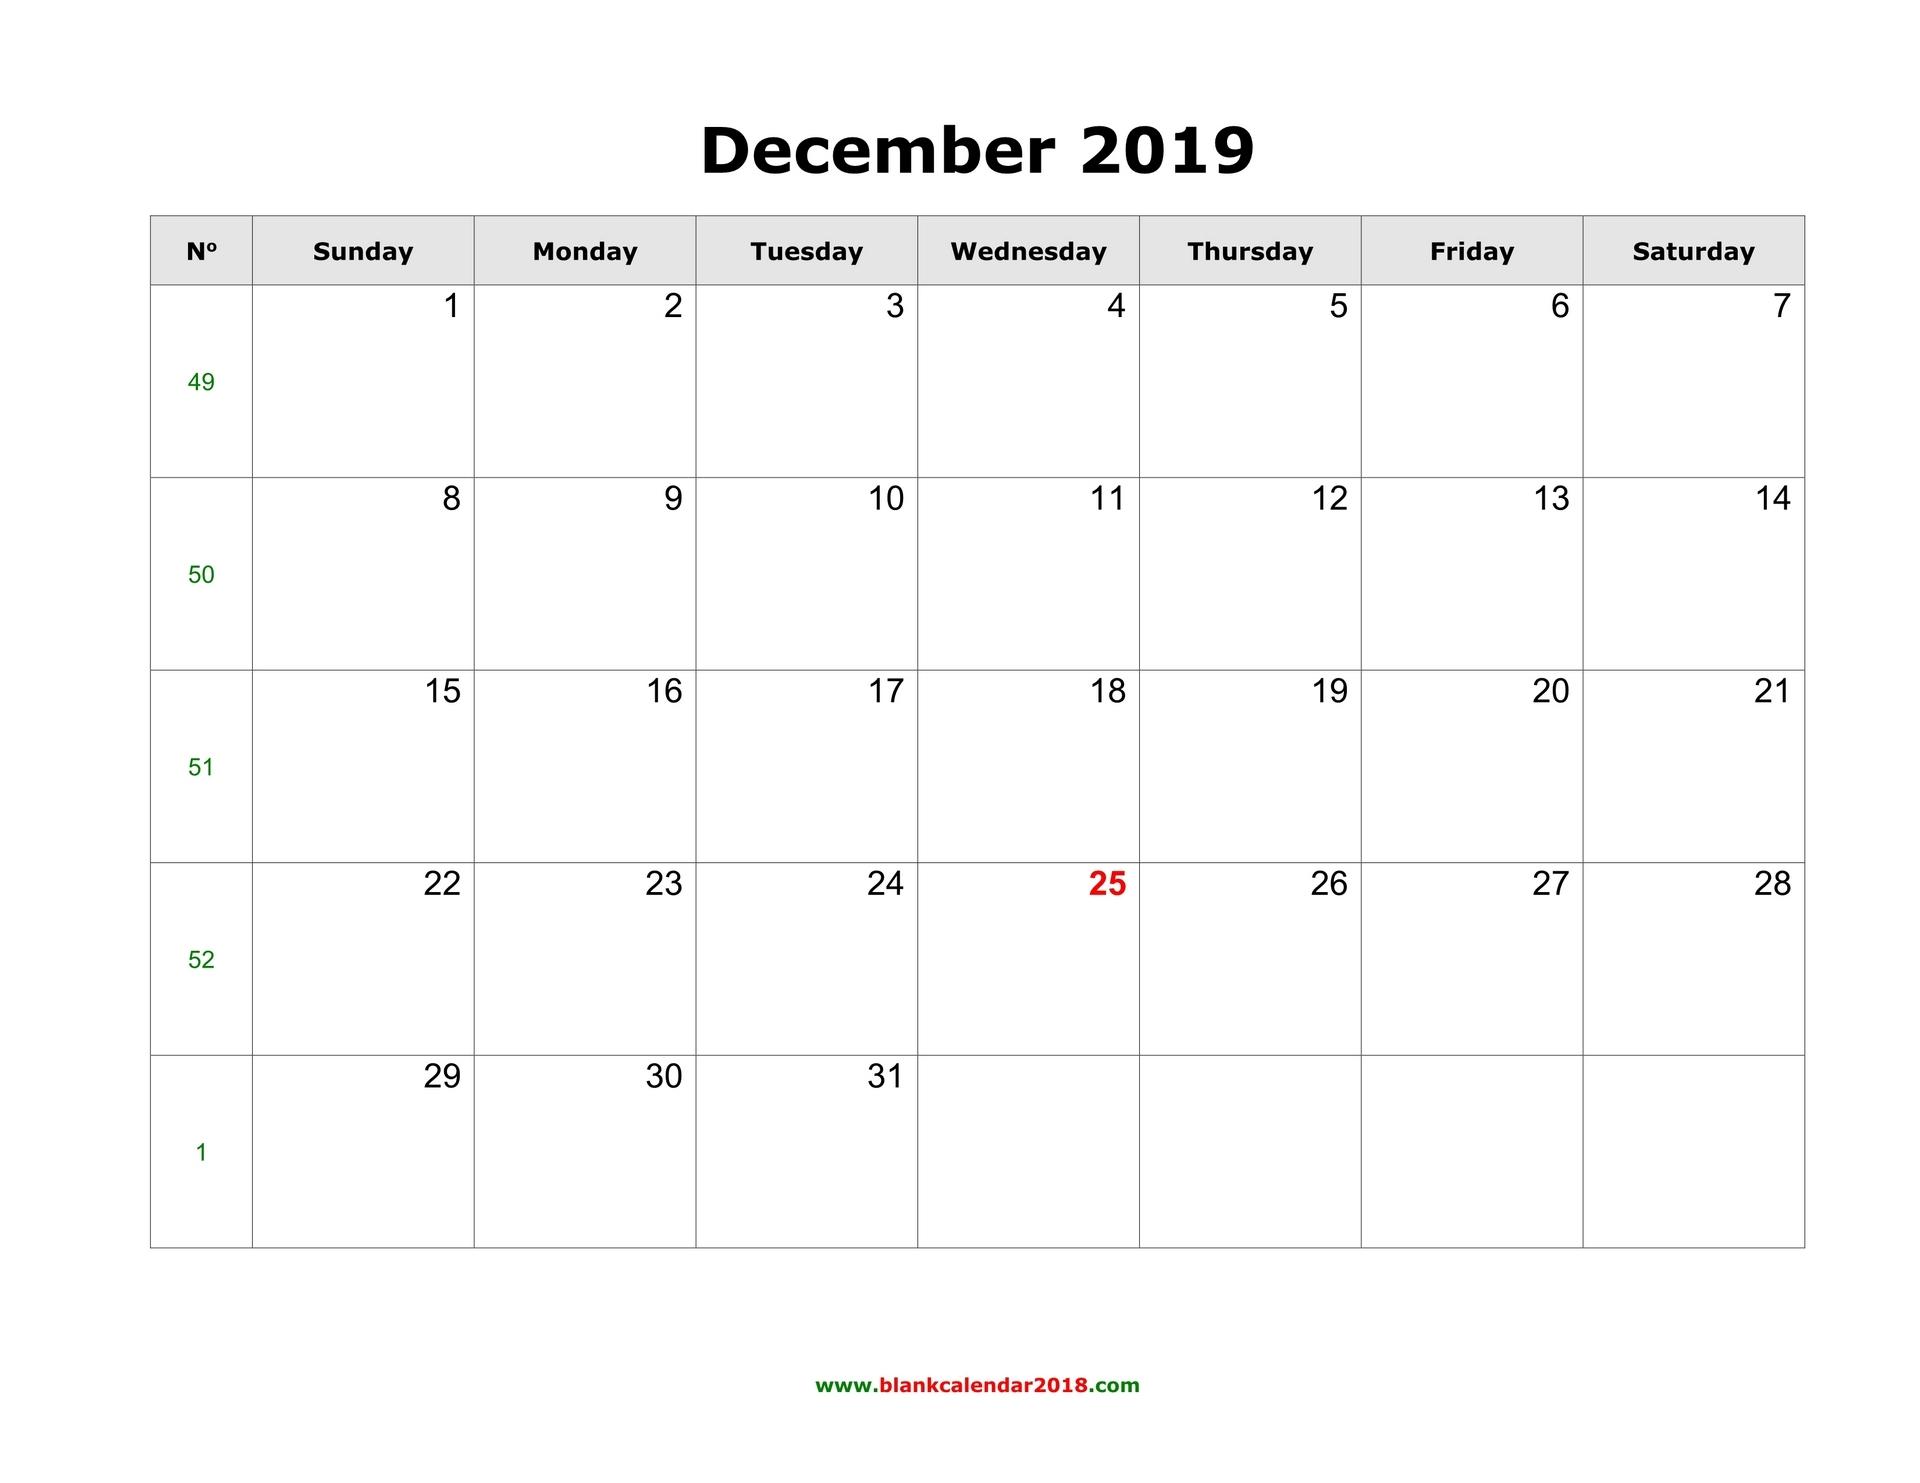 Blank Calendar For December 2019